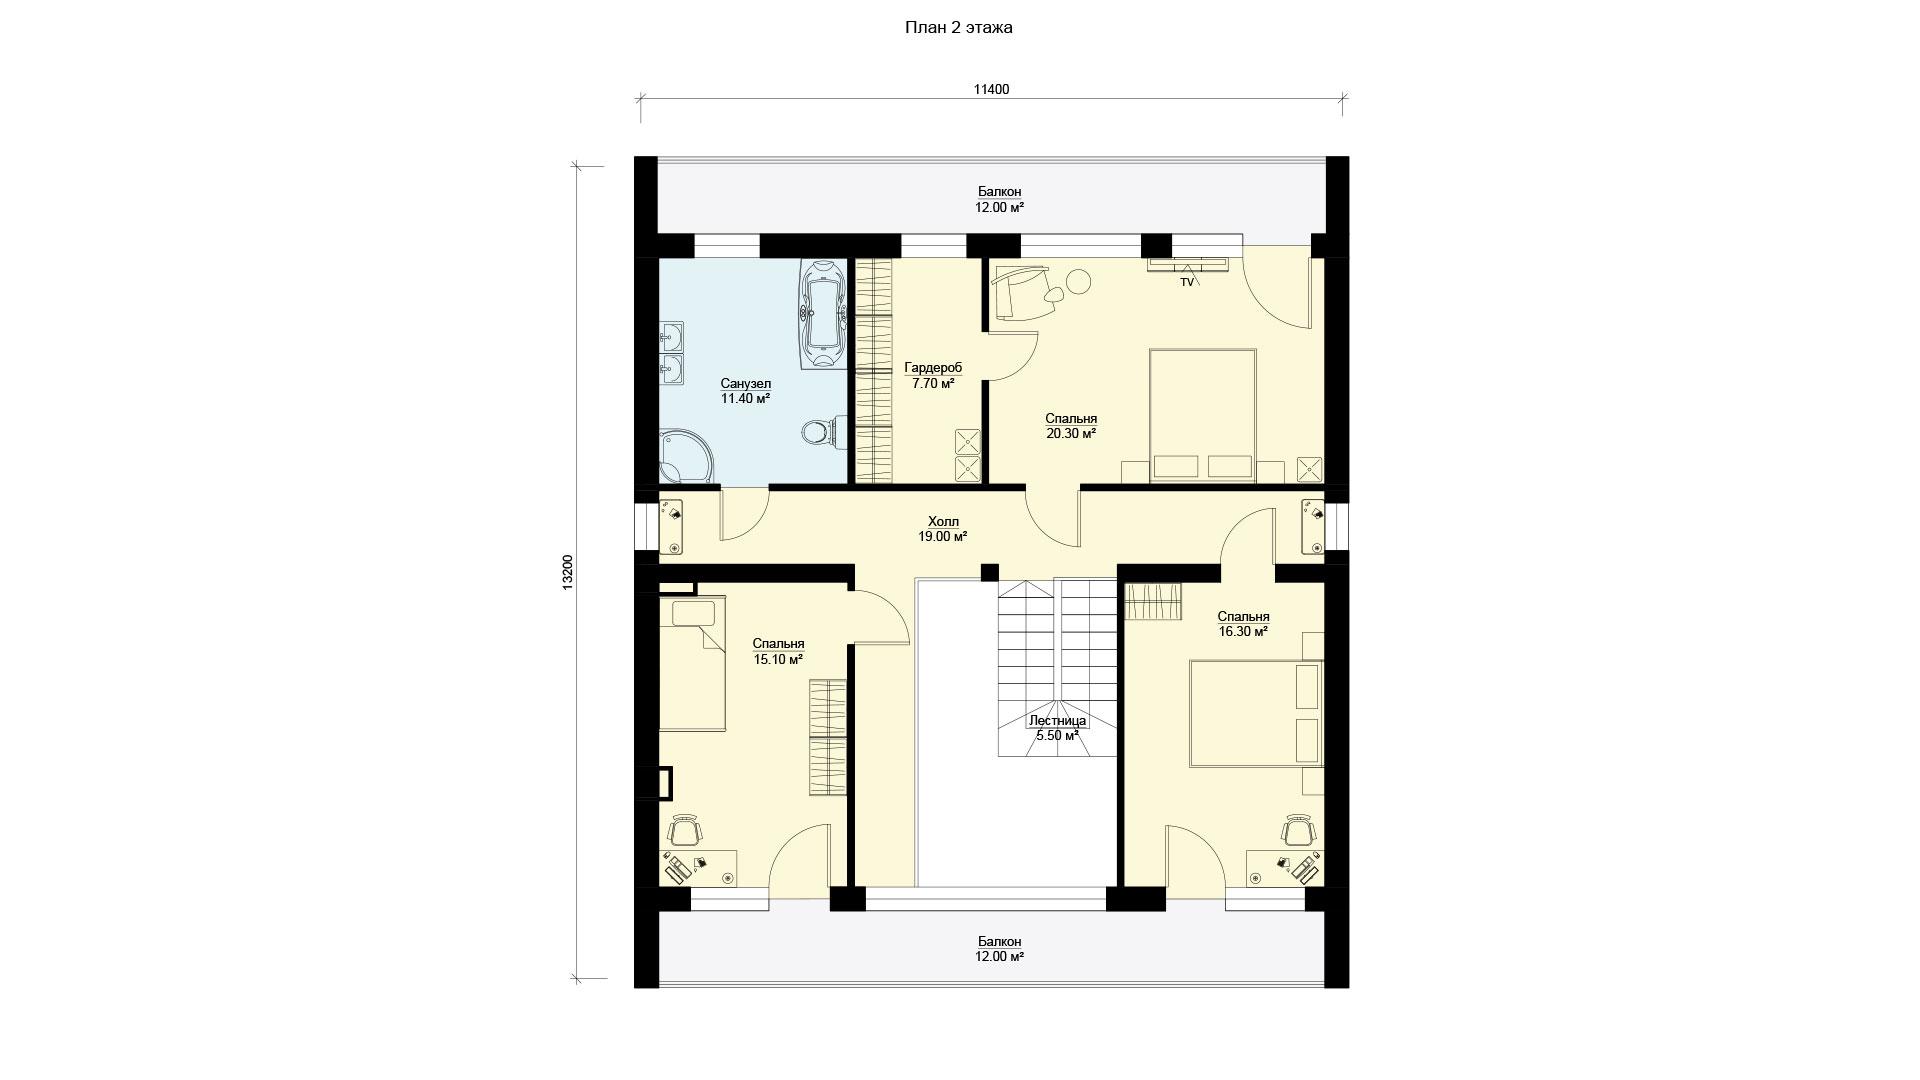 План второго этажа двухэтажного дома со вторым светом, проект БЭНПАН БП-224.